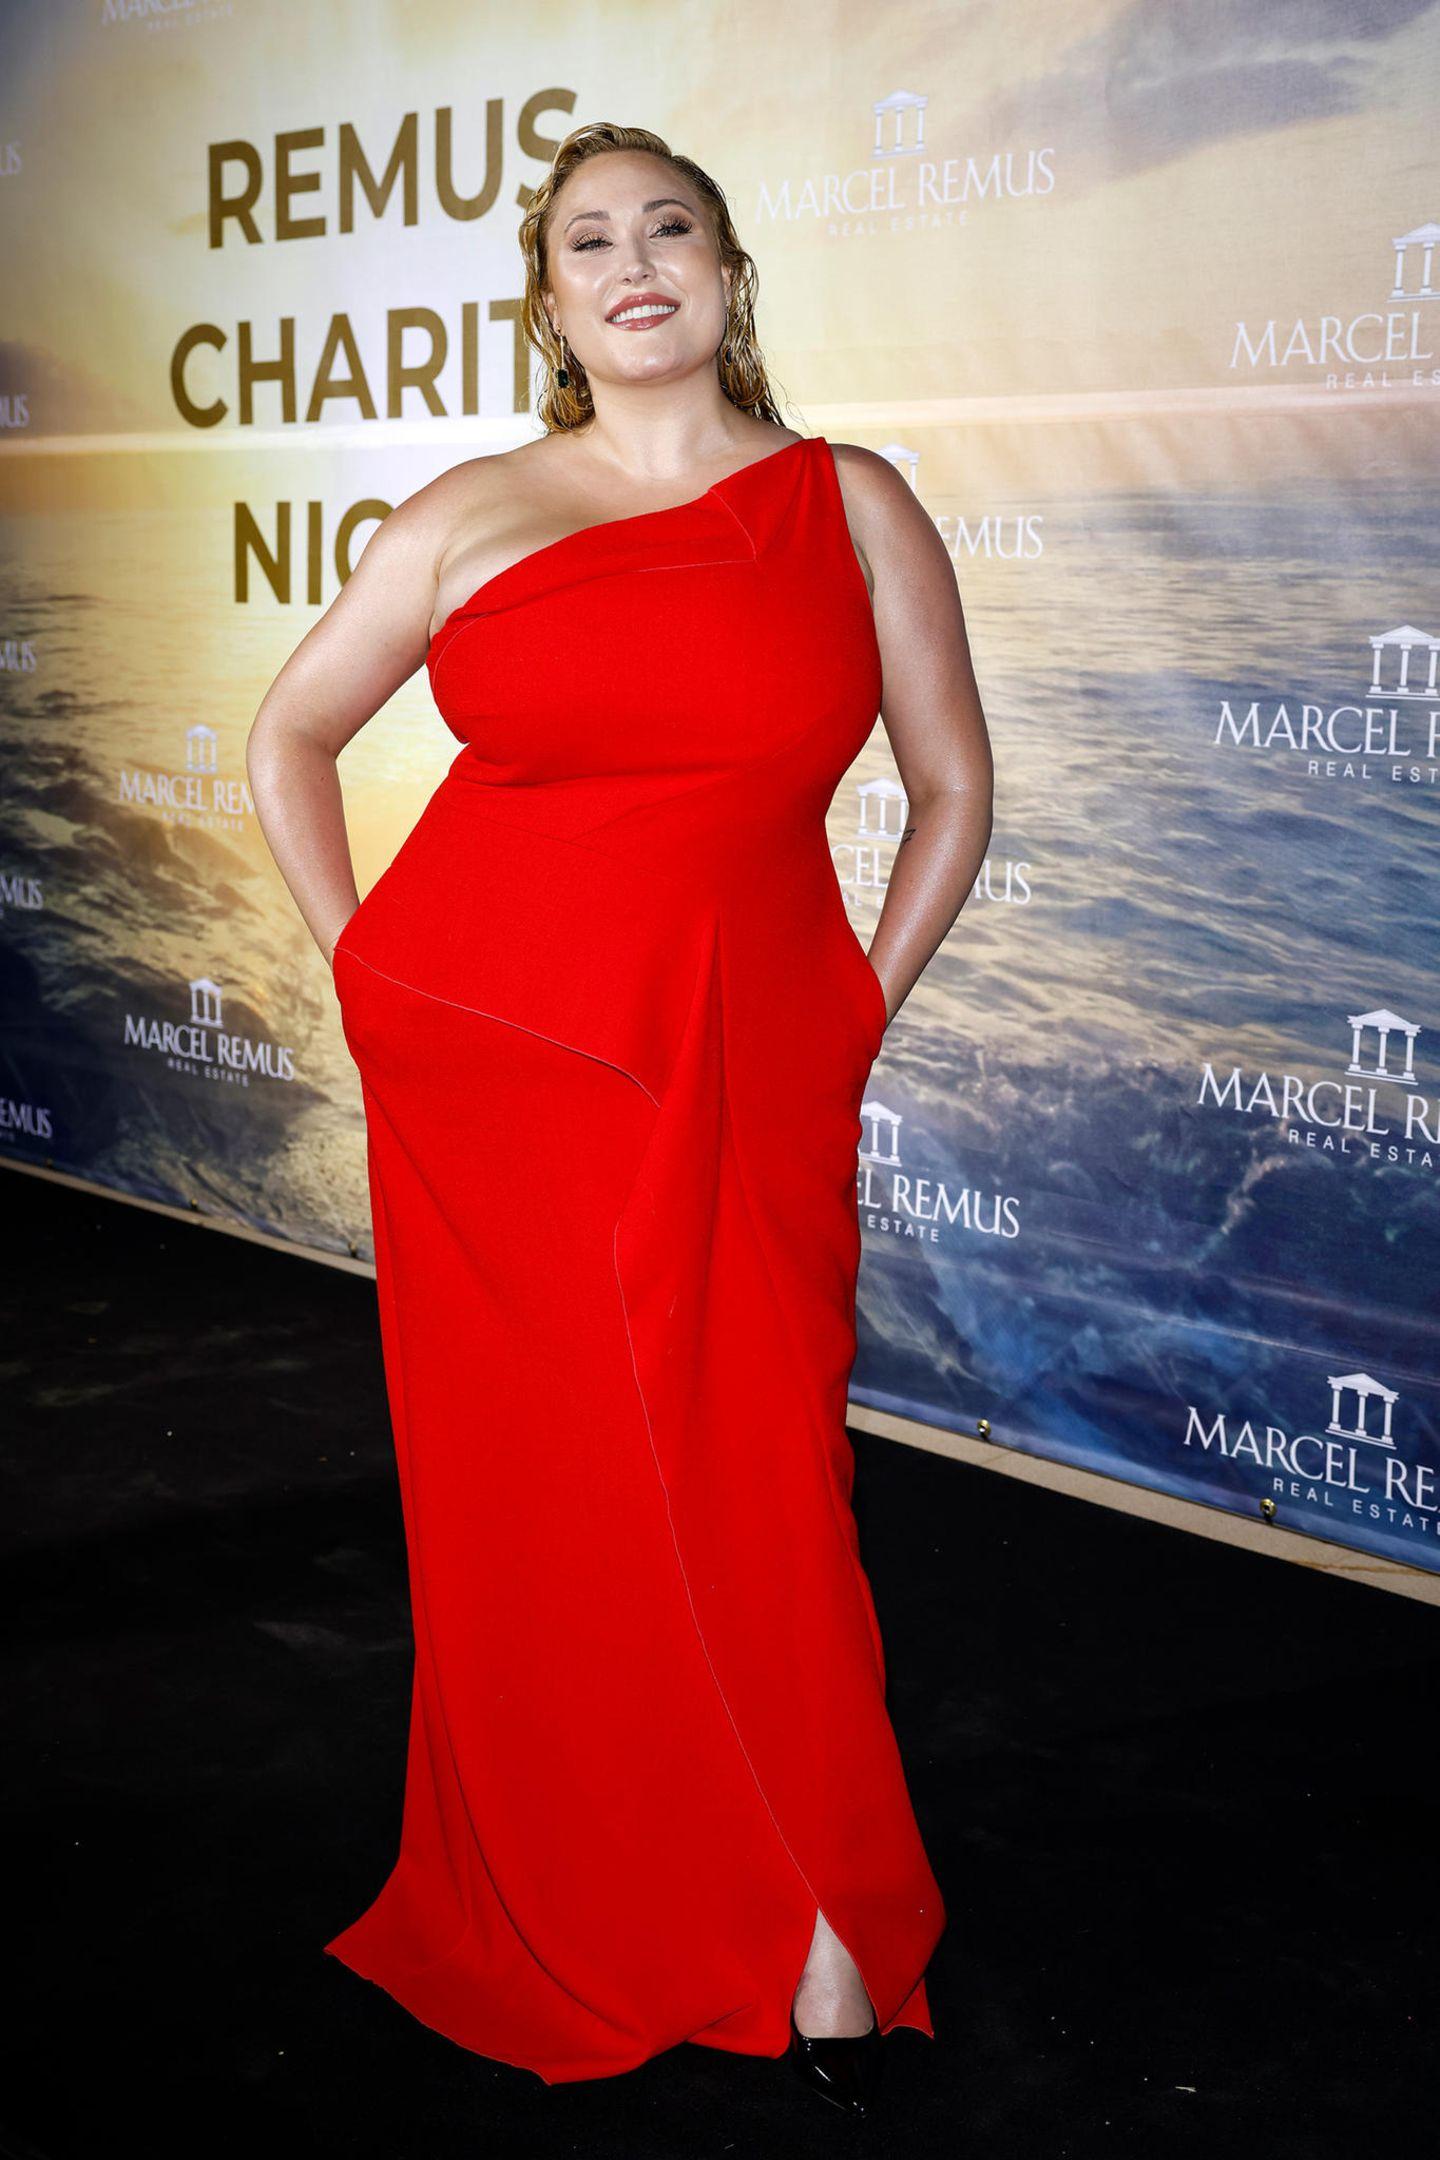 Hayley Amber Hasselhoff bezaubert die Partygäste auf Mallorca im stylisch-eleganten One-Shoulder-Look.